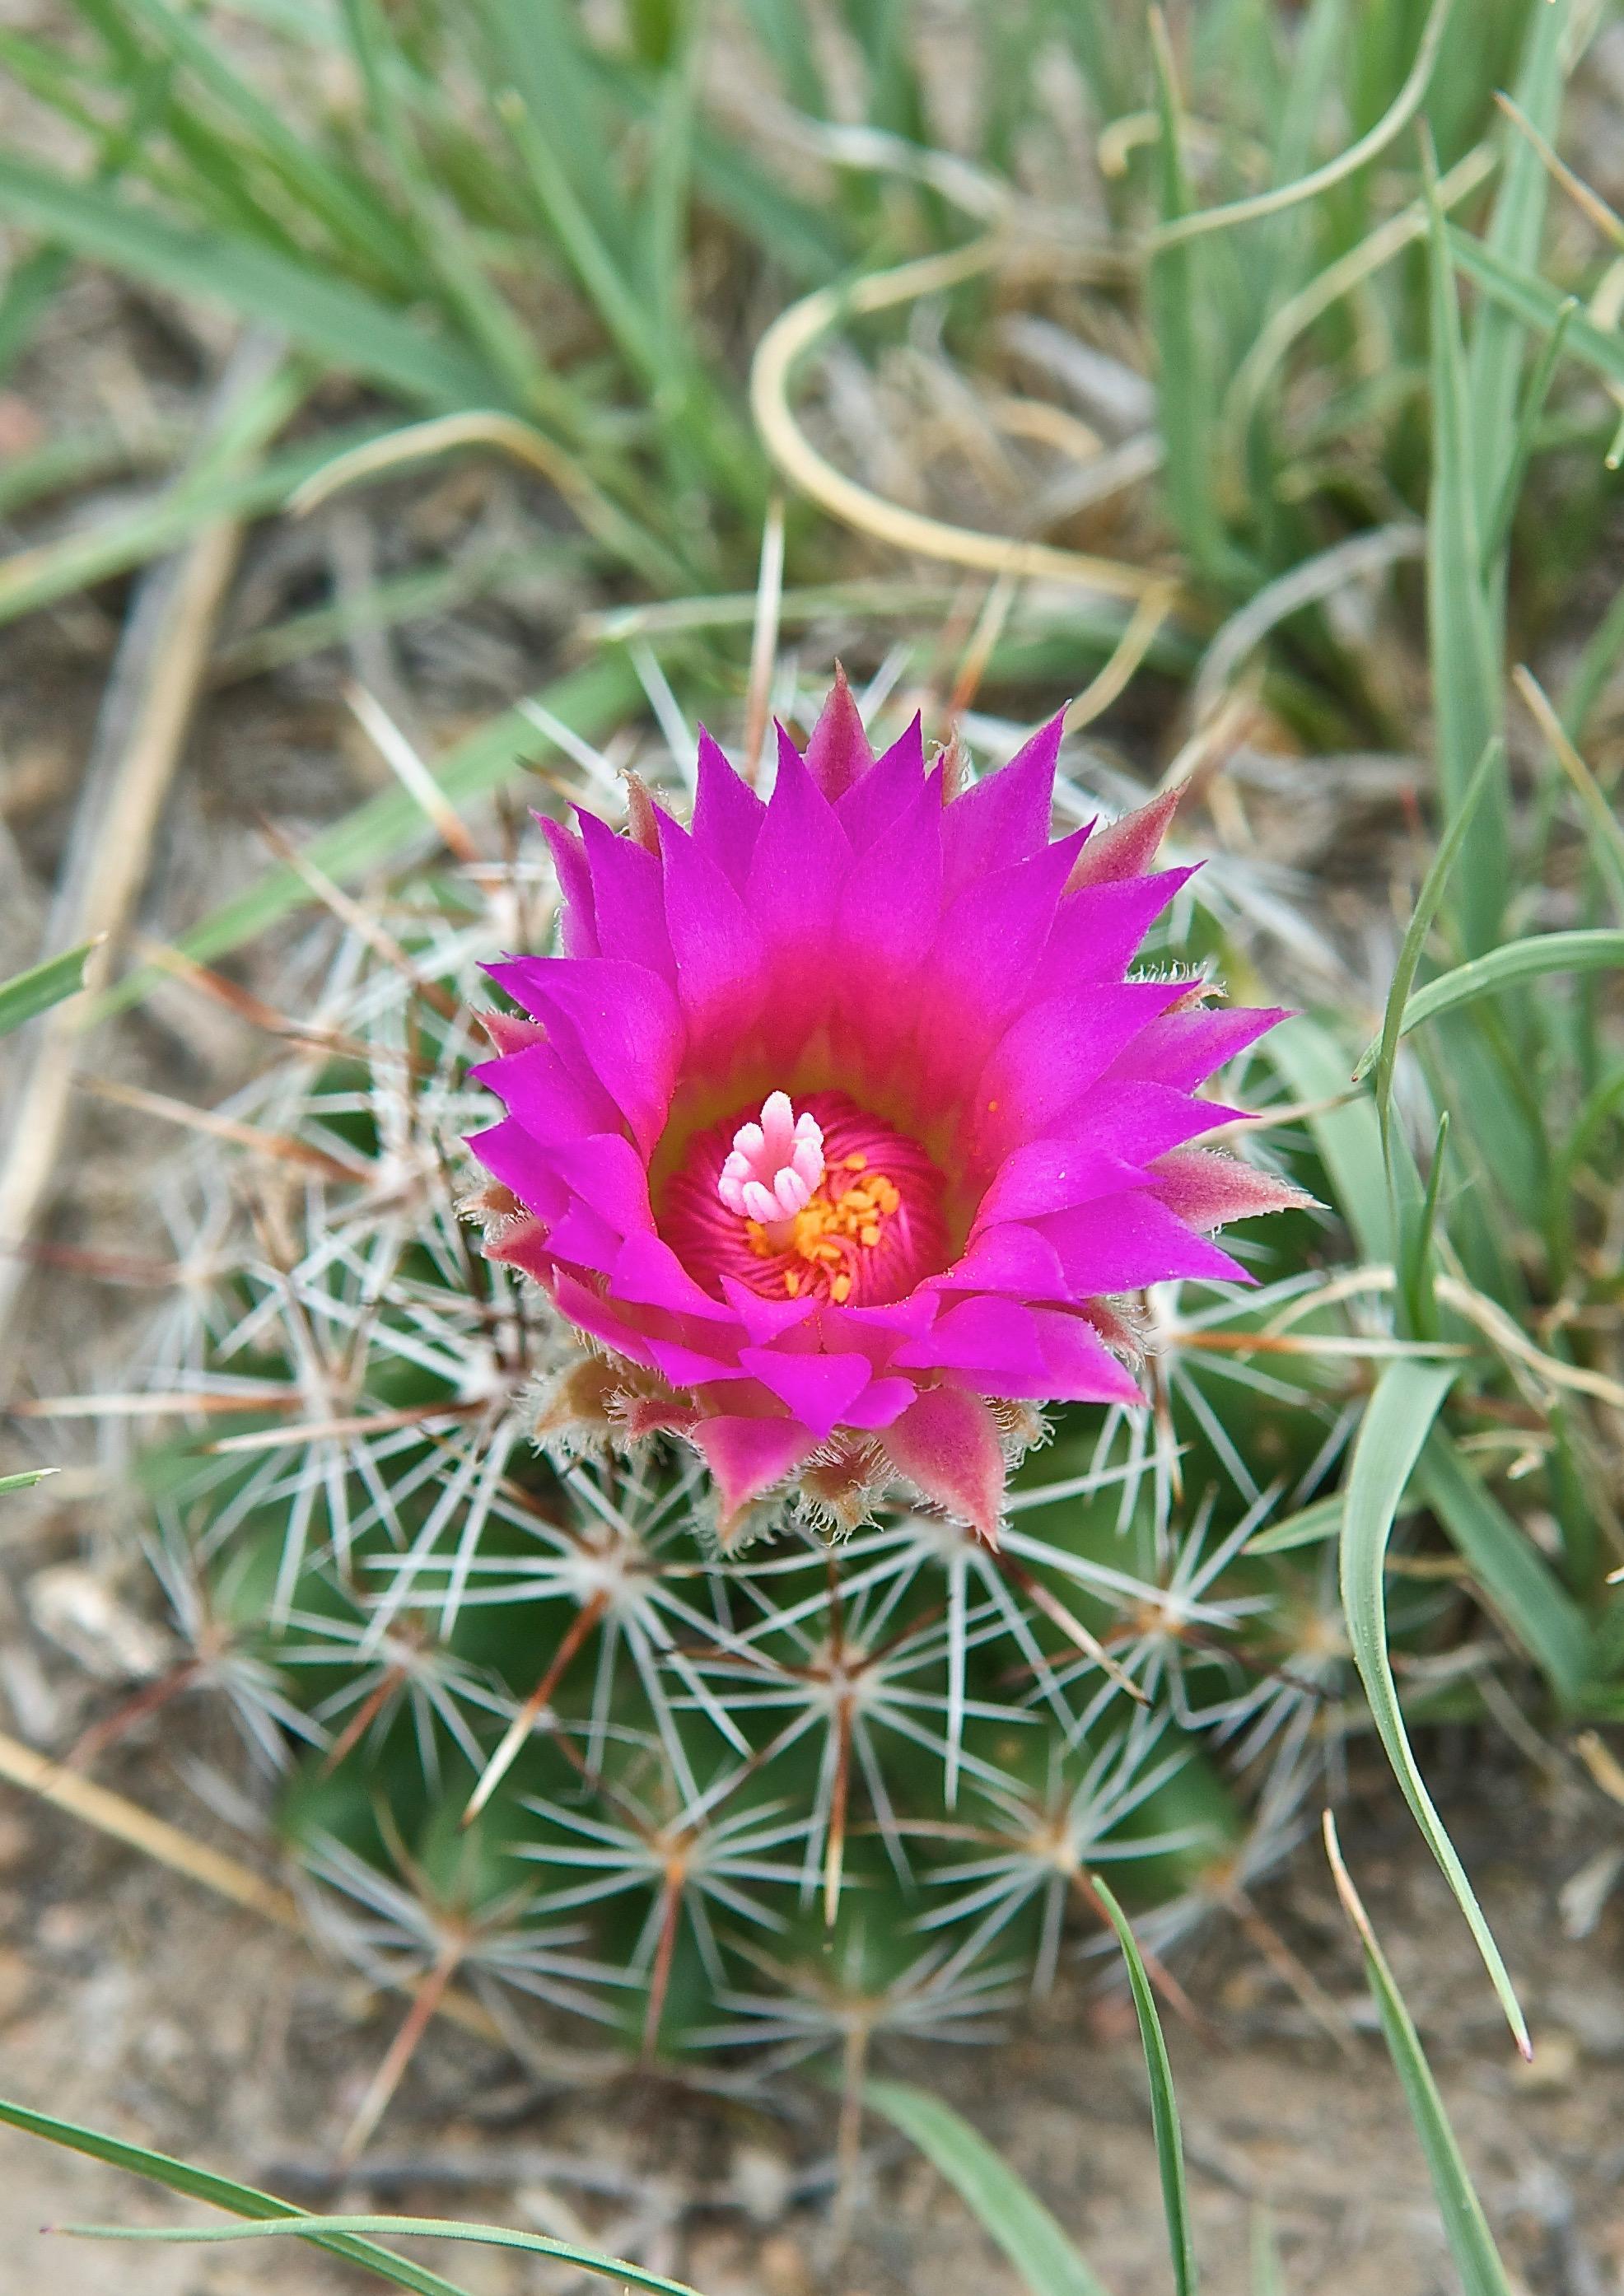 Pincushion Cactus (Coryphantha vivipara)